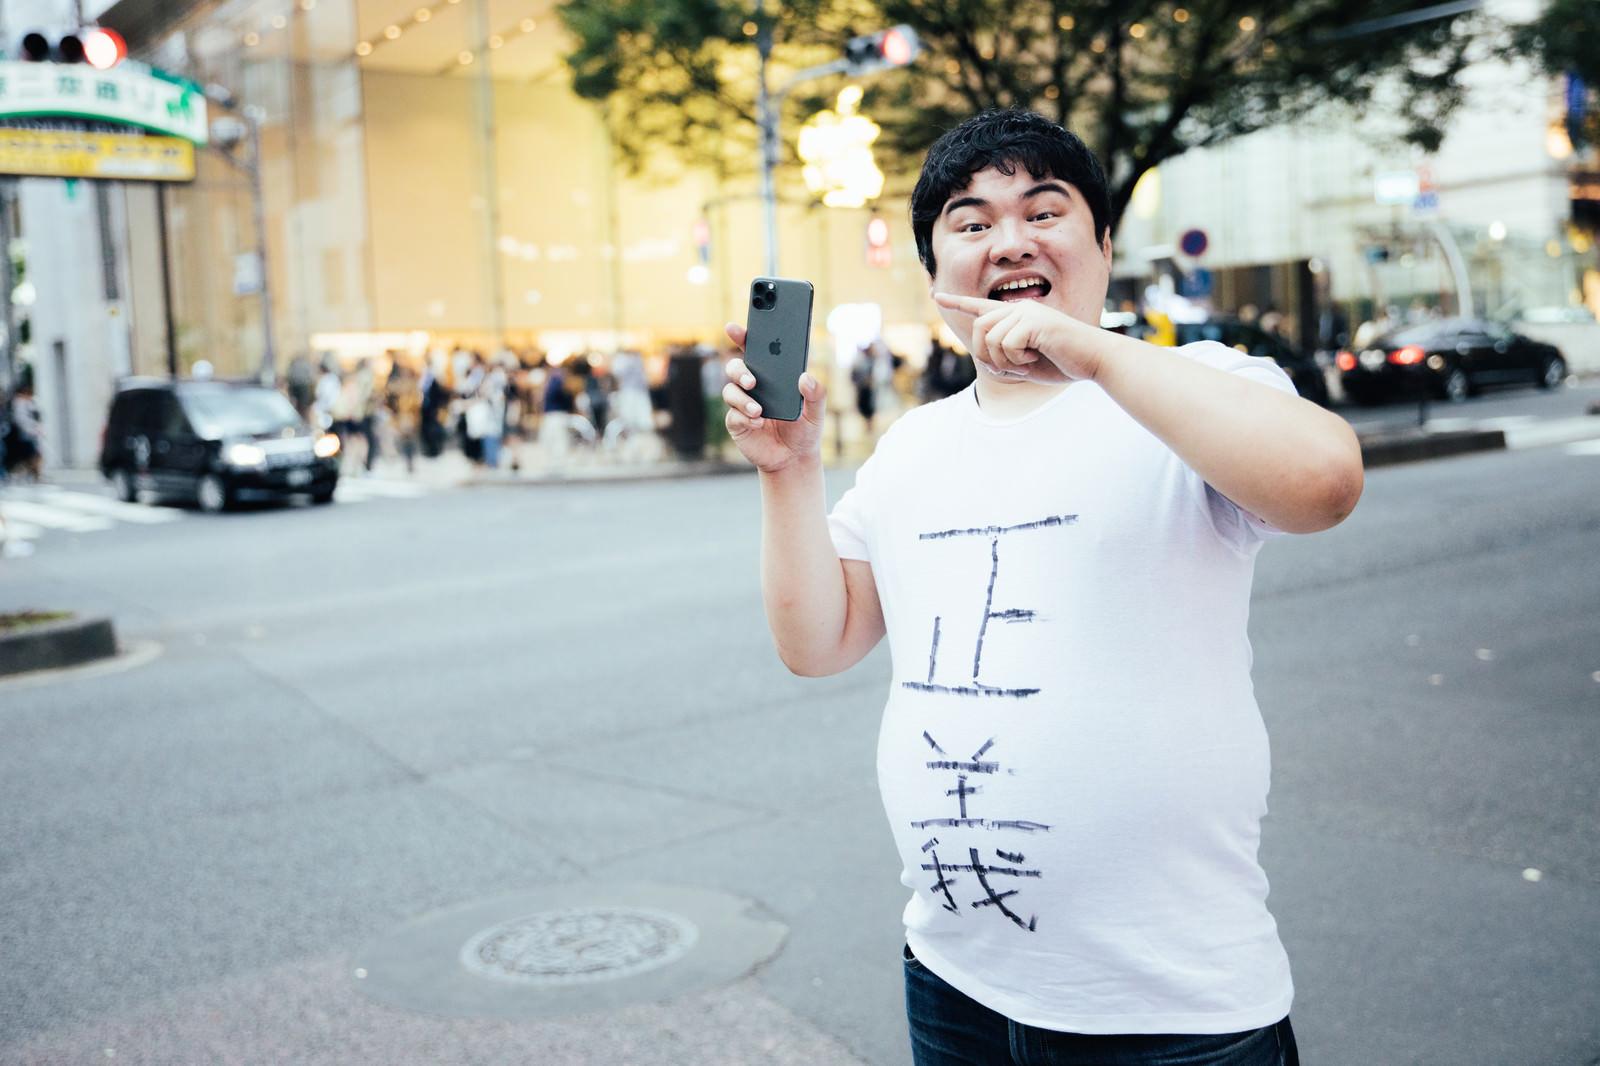 「「iPhoneを買うなら絶対Apple Storeだ!Apple Storeの体験こそ至高」と強制するApple直営店大好きマン」の写真[モデル:段田隼人]